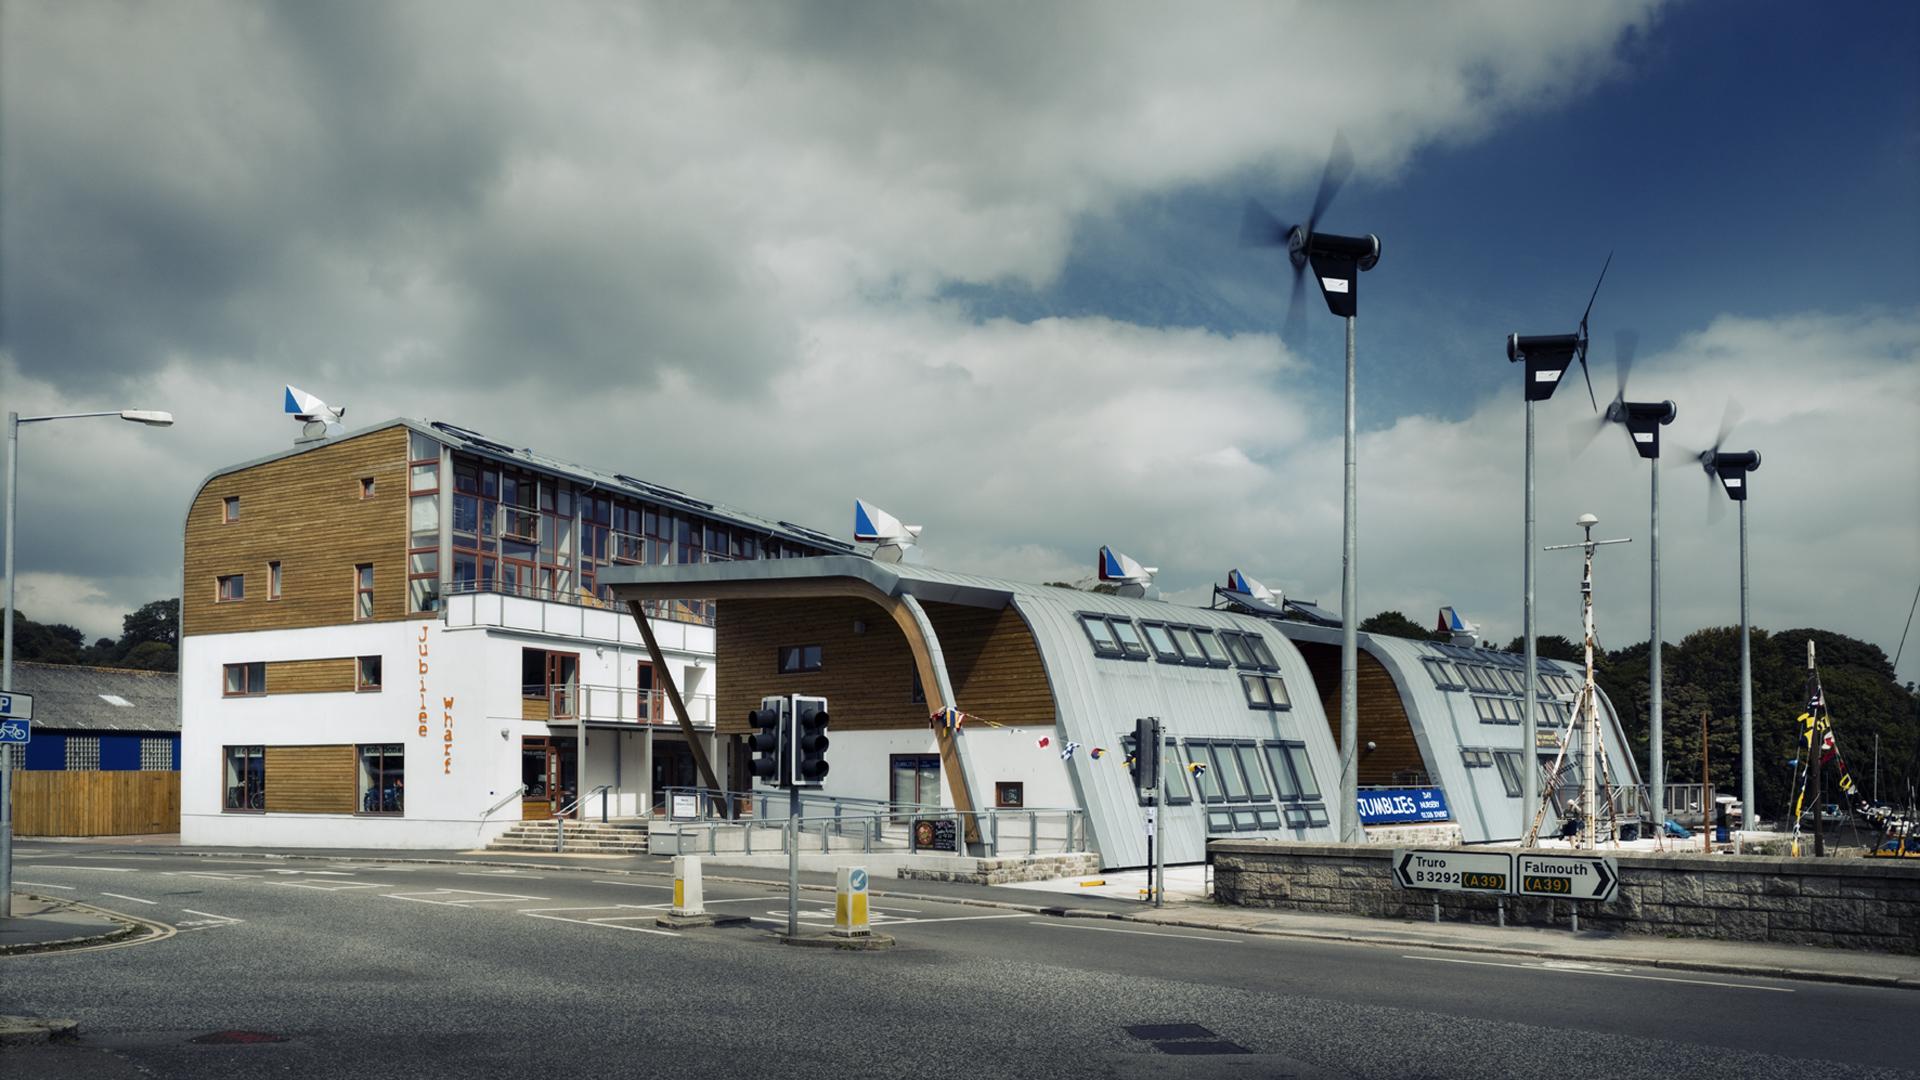 Jubilee_Wharf1920-1080